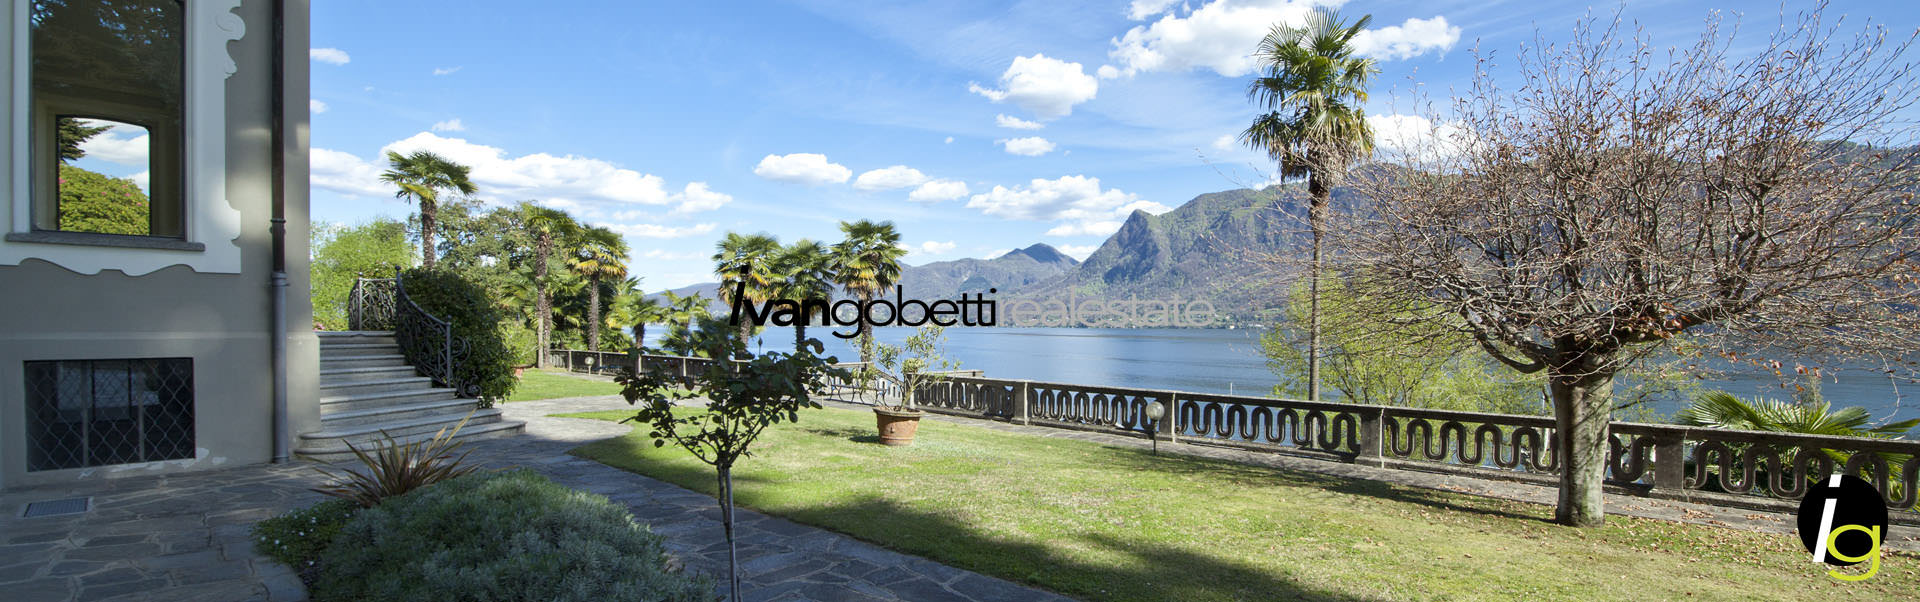 Апартаменты на продажу в исторической вилле на Озере Маджоре, Гиффа